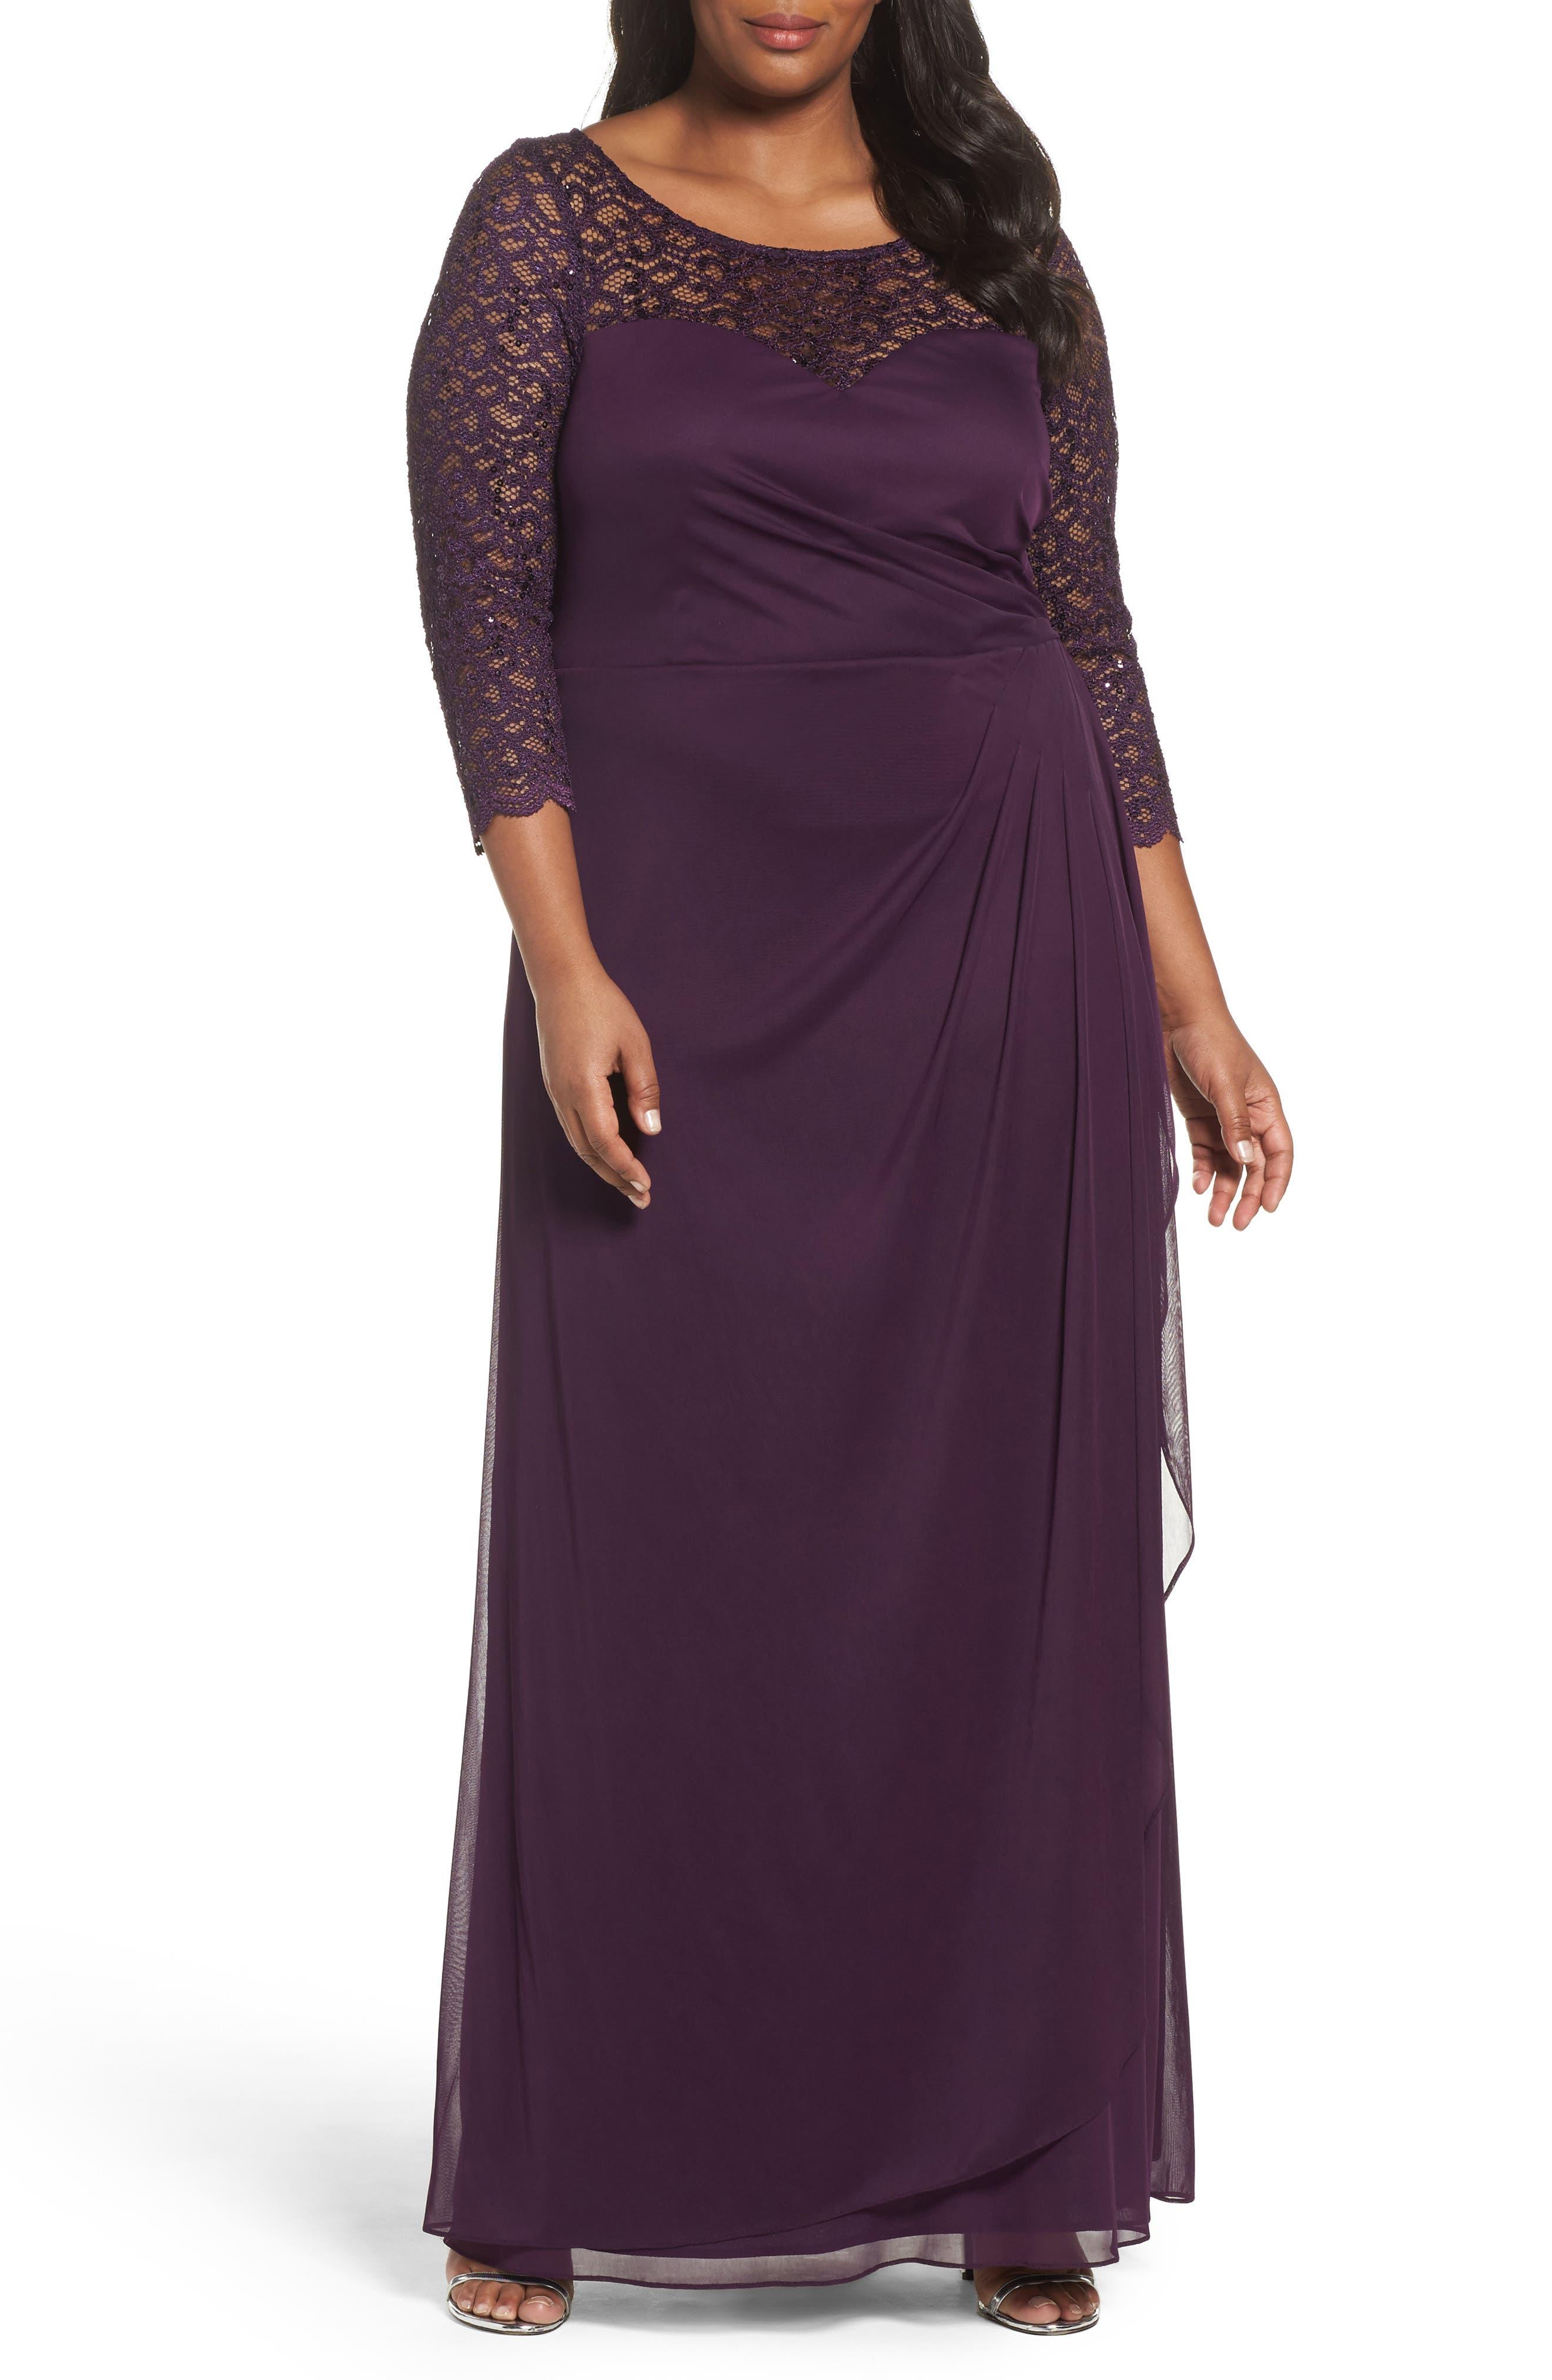 Main Image - Xscape Lace & Matte Jersey Gown (Plus Size)